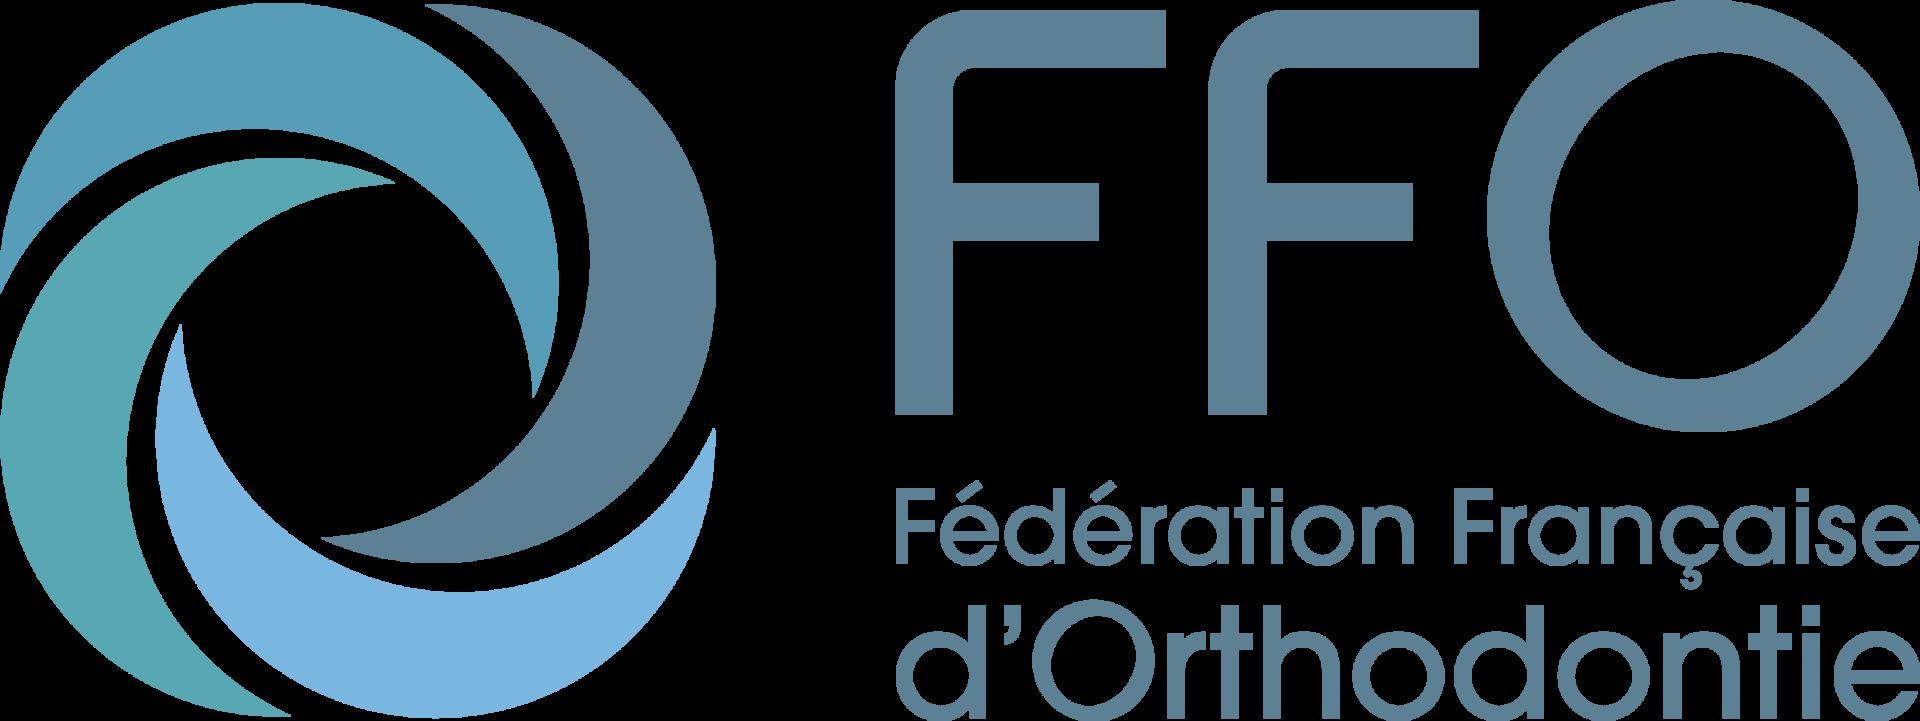 FFO_logo